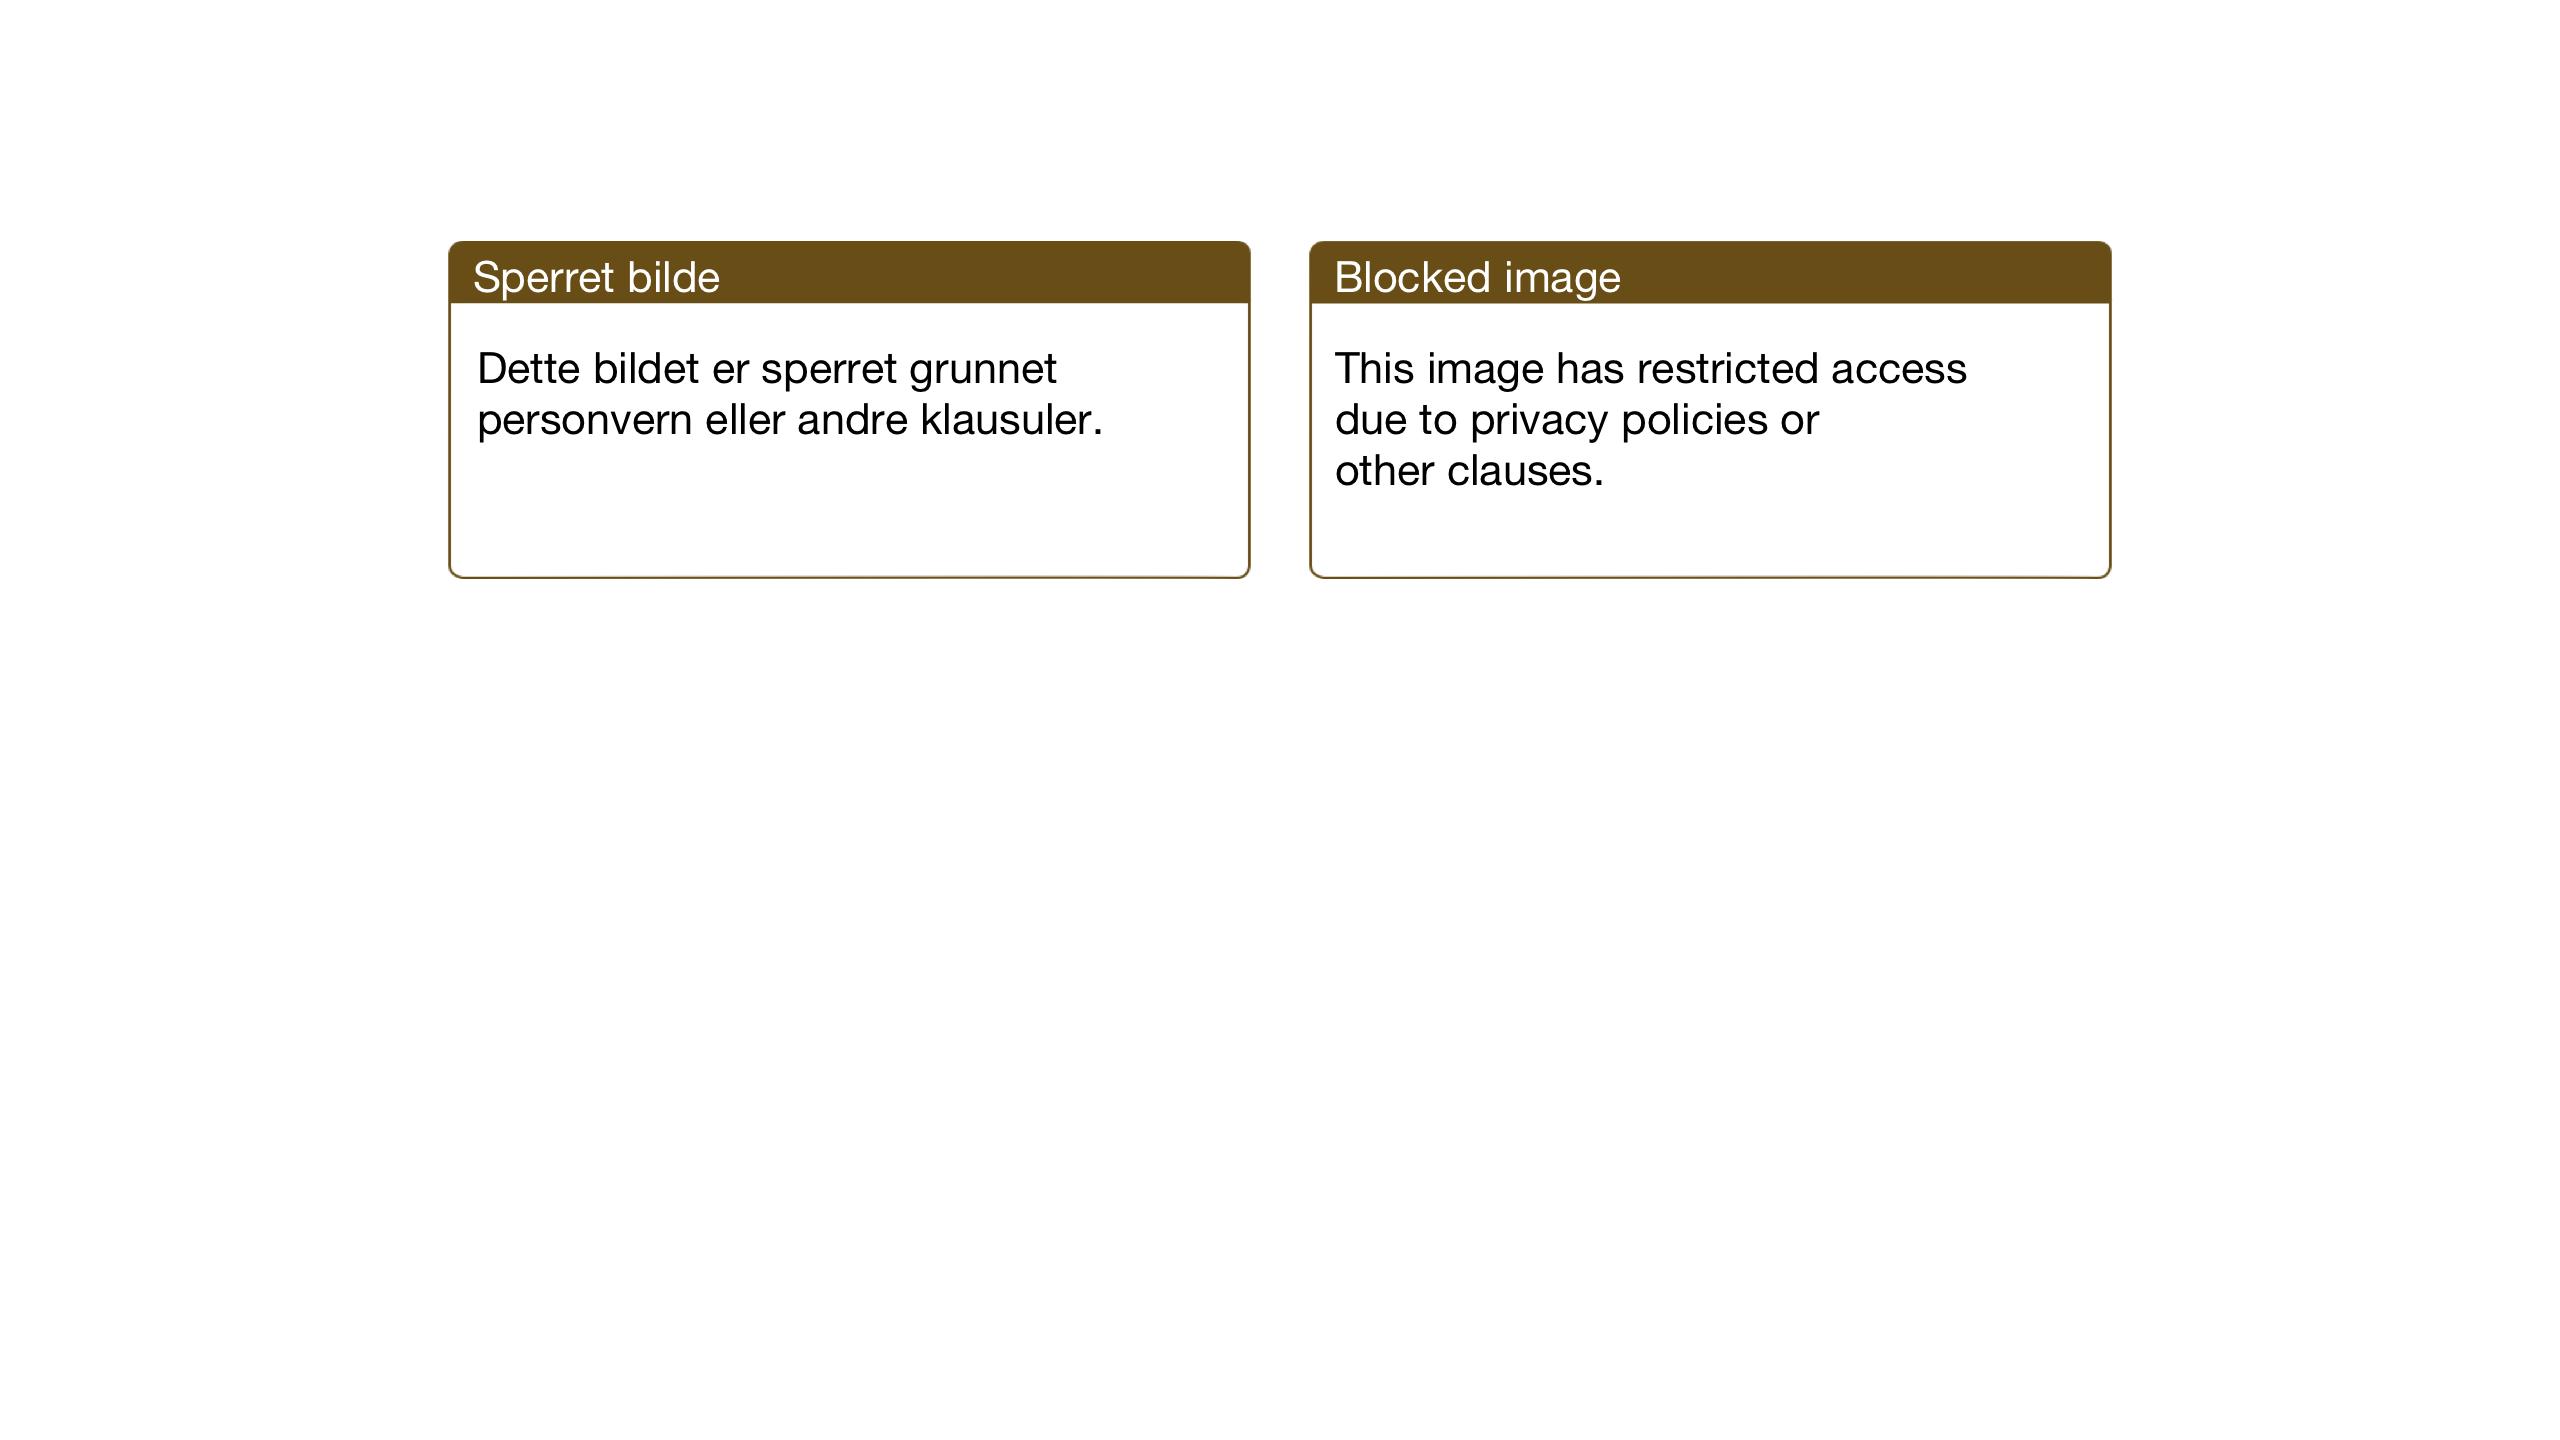 SAT, Ministerialprotokoller, klokkerbøker og fødselsregistre - Sør-Trøndelag, 682/L0947: Klokkerbok nr. 682C01, 1926-1968, s. 37